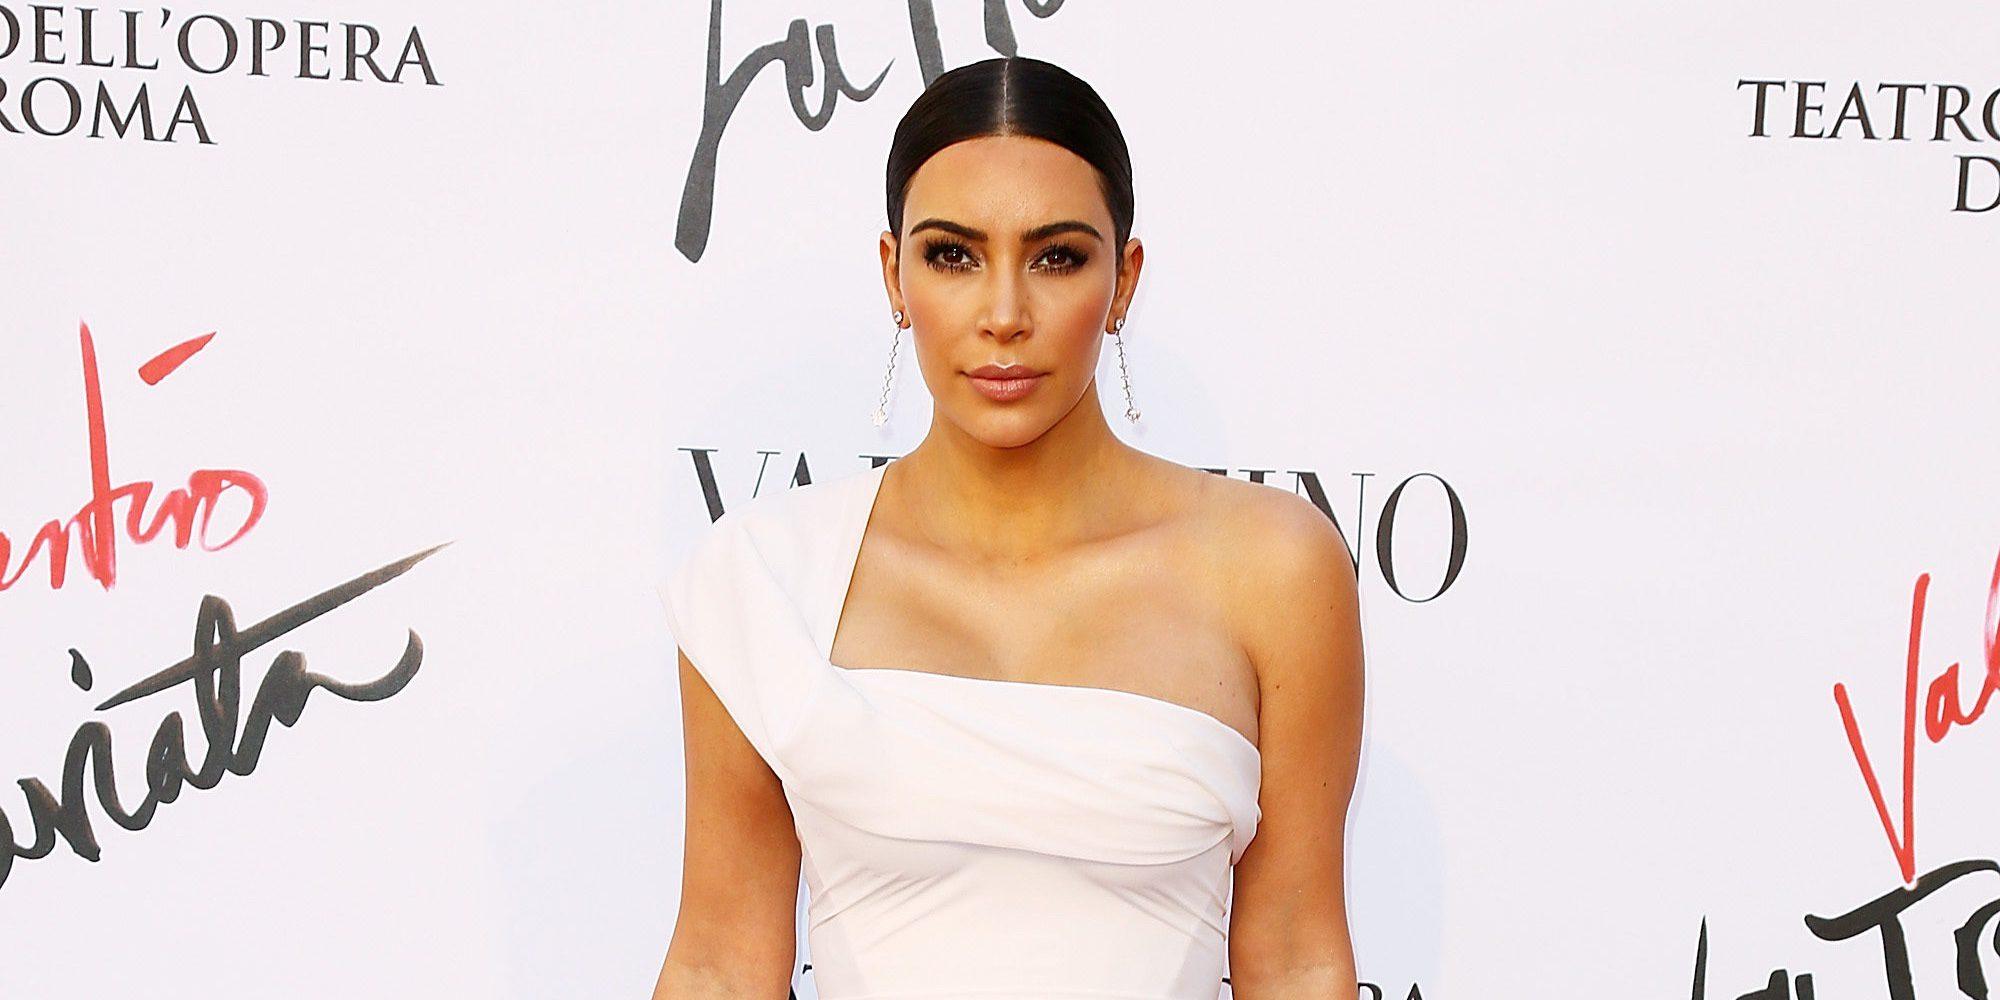 Primeras consecuencias del robo sufrido en París: Kim Kardashian cancela un evento en Dubai